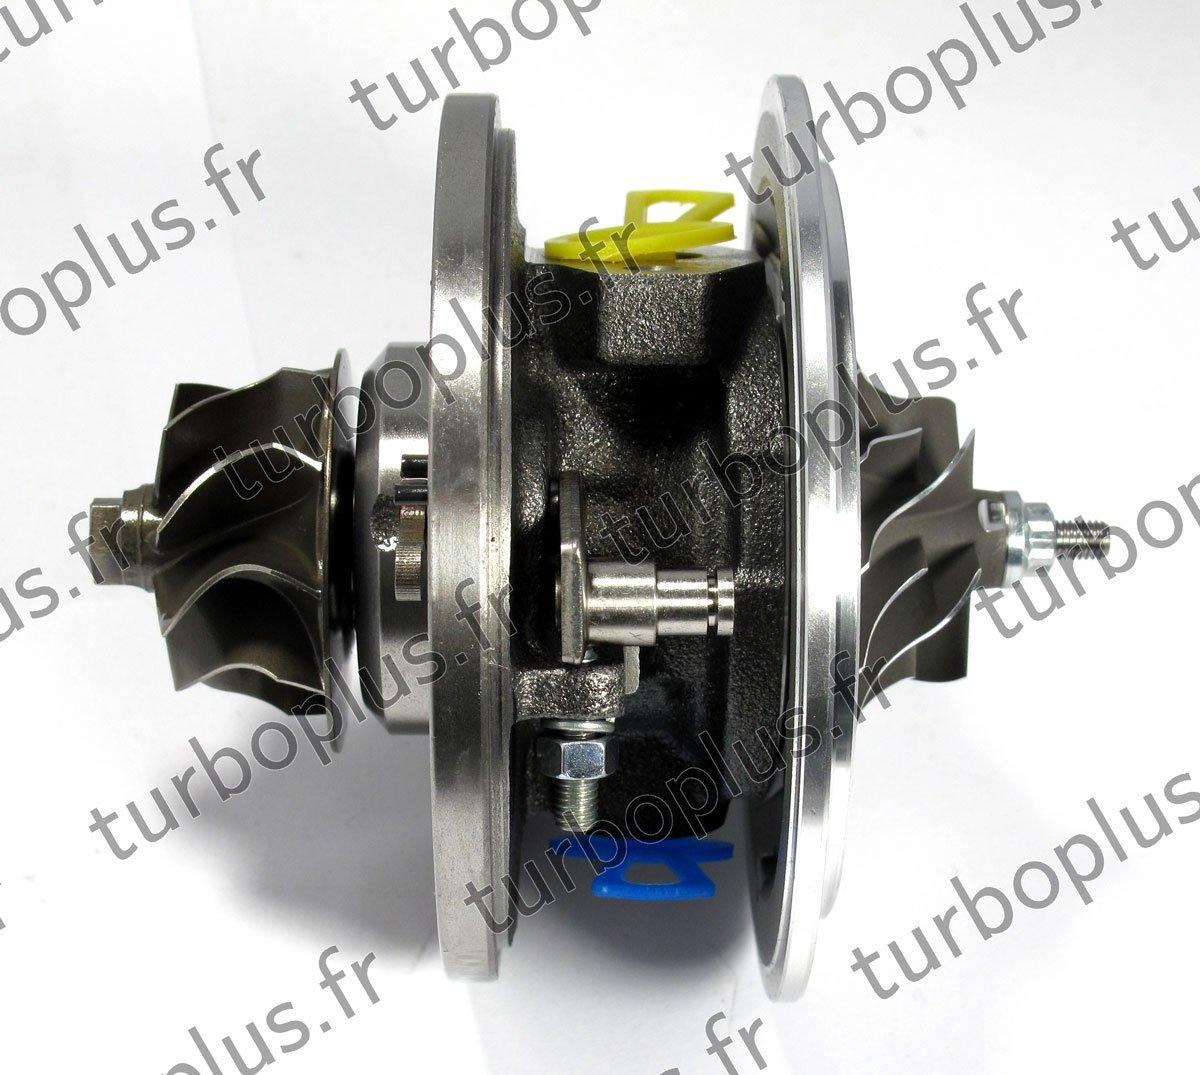 Garrett Turbo para Mégane/Laguna/Space1.9 DCi 120 CV, 708639, pieza original del fabricante (GT1749V): Amazon.es: Coche y moto